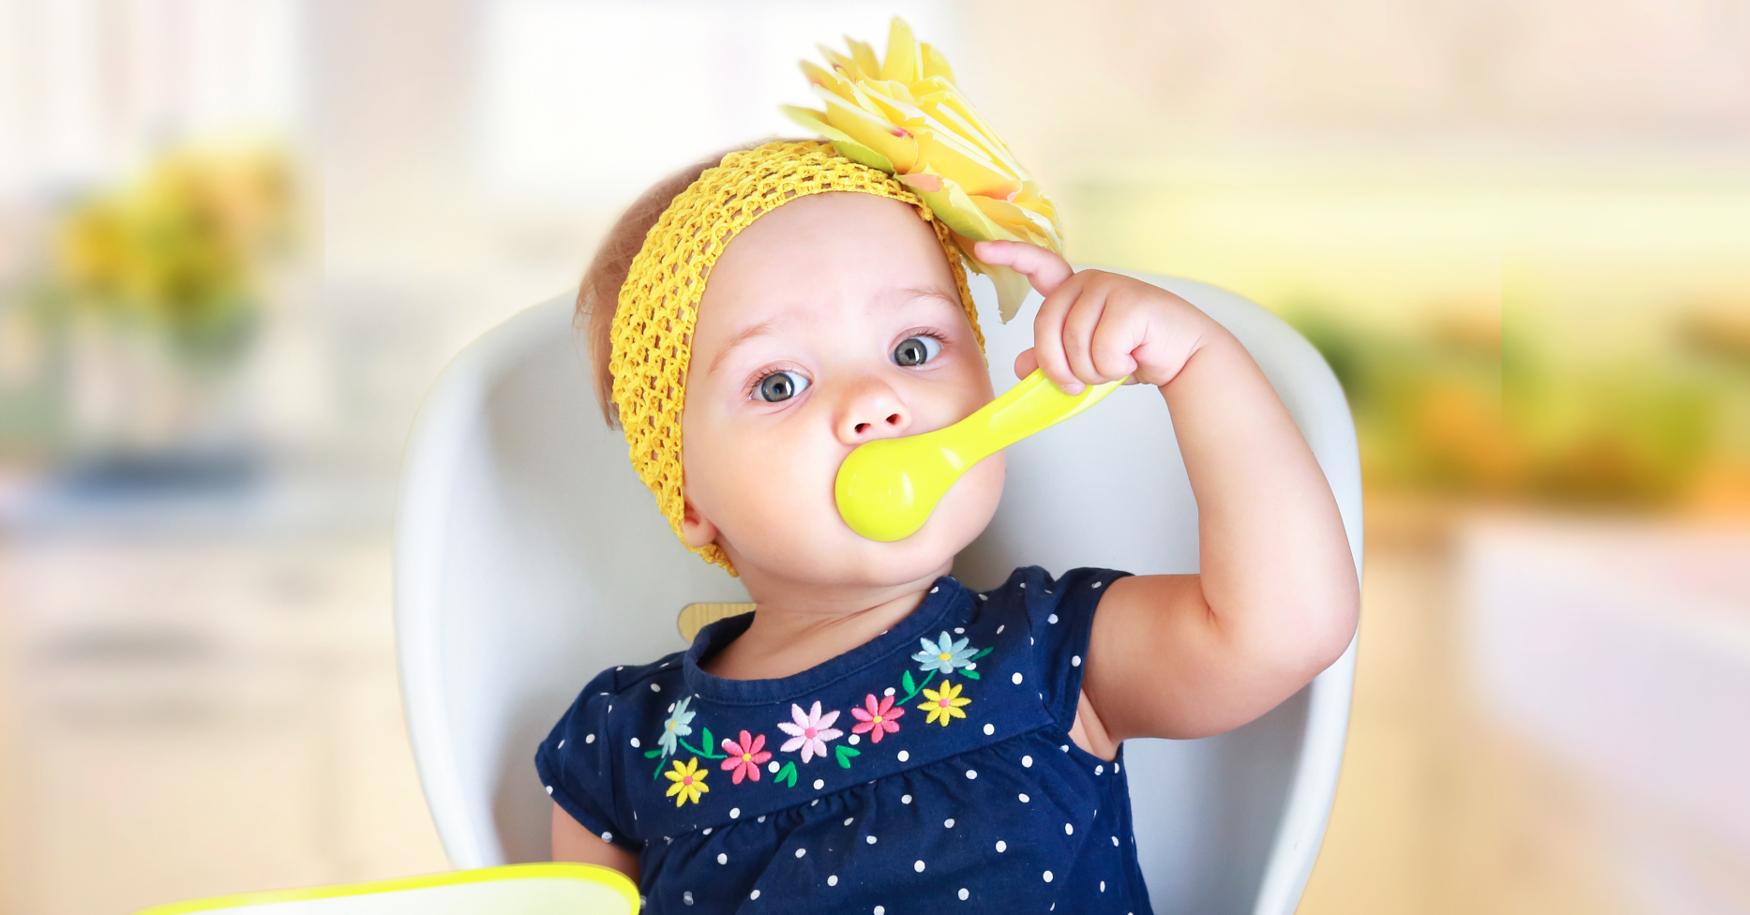 kindergeschirr kinderbesteck worauf achten